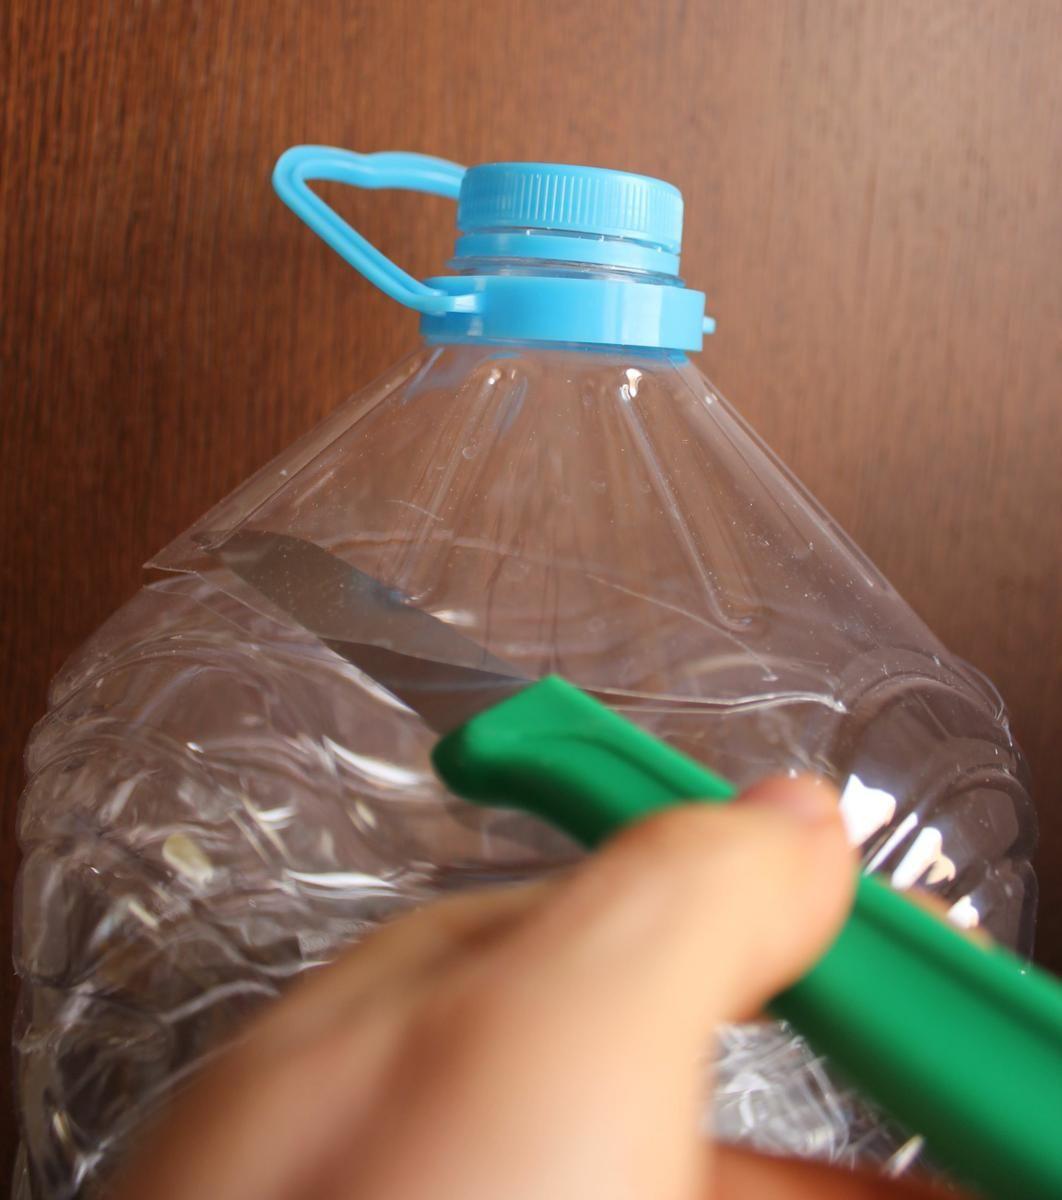 Idea creativa y práctica para reutilizar las botellas de plástico ...